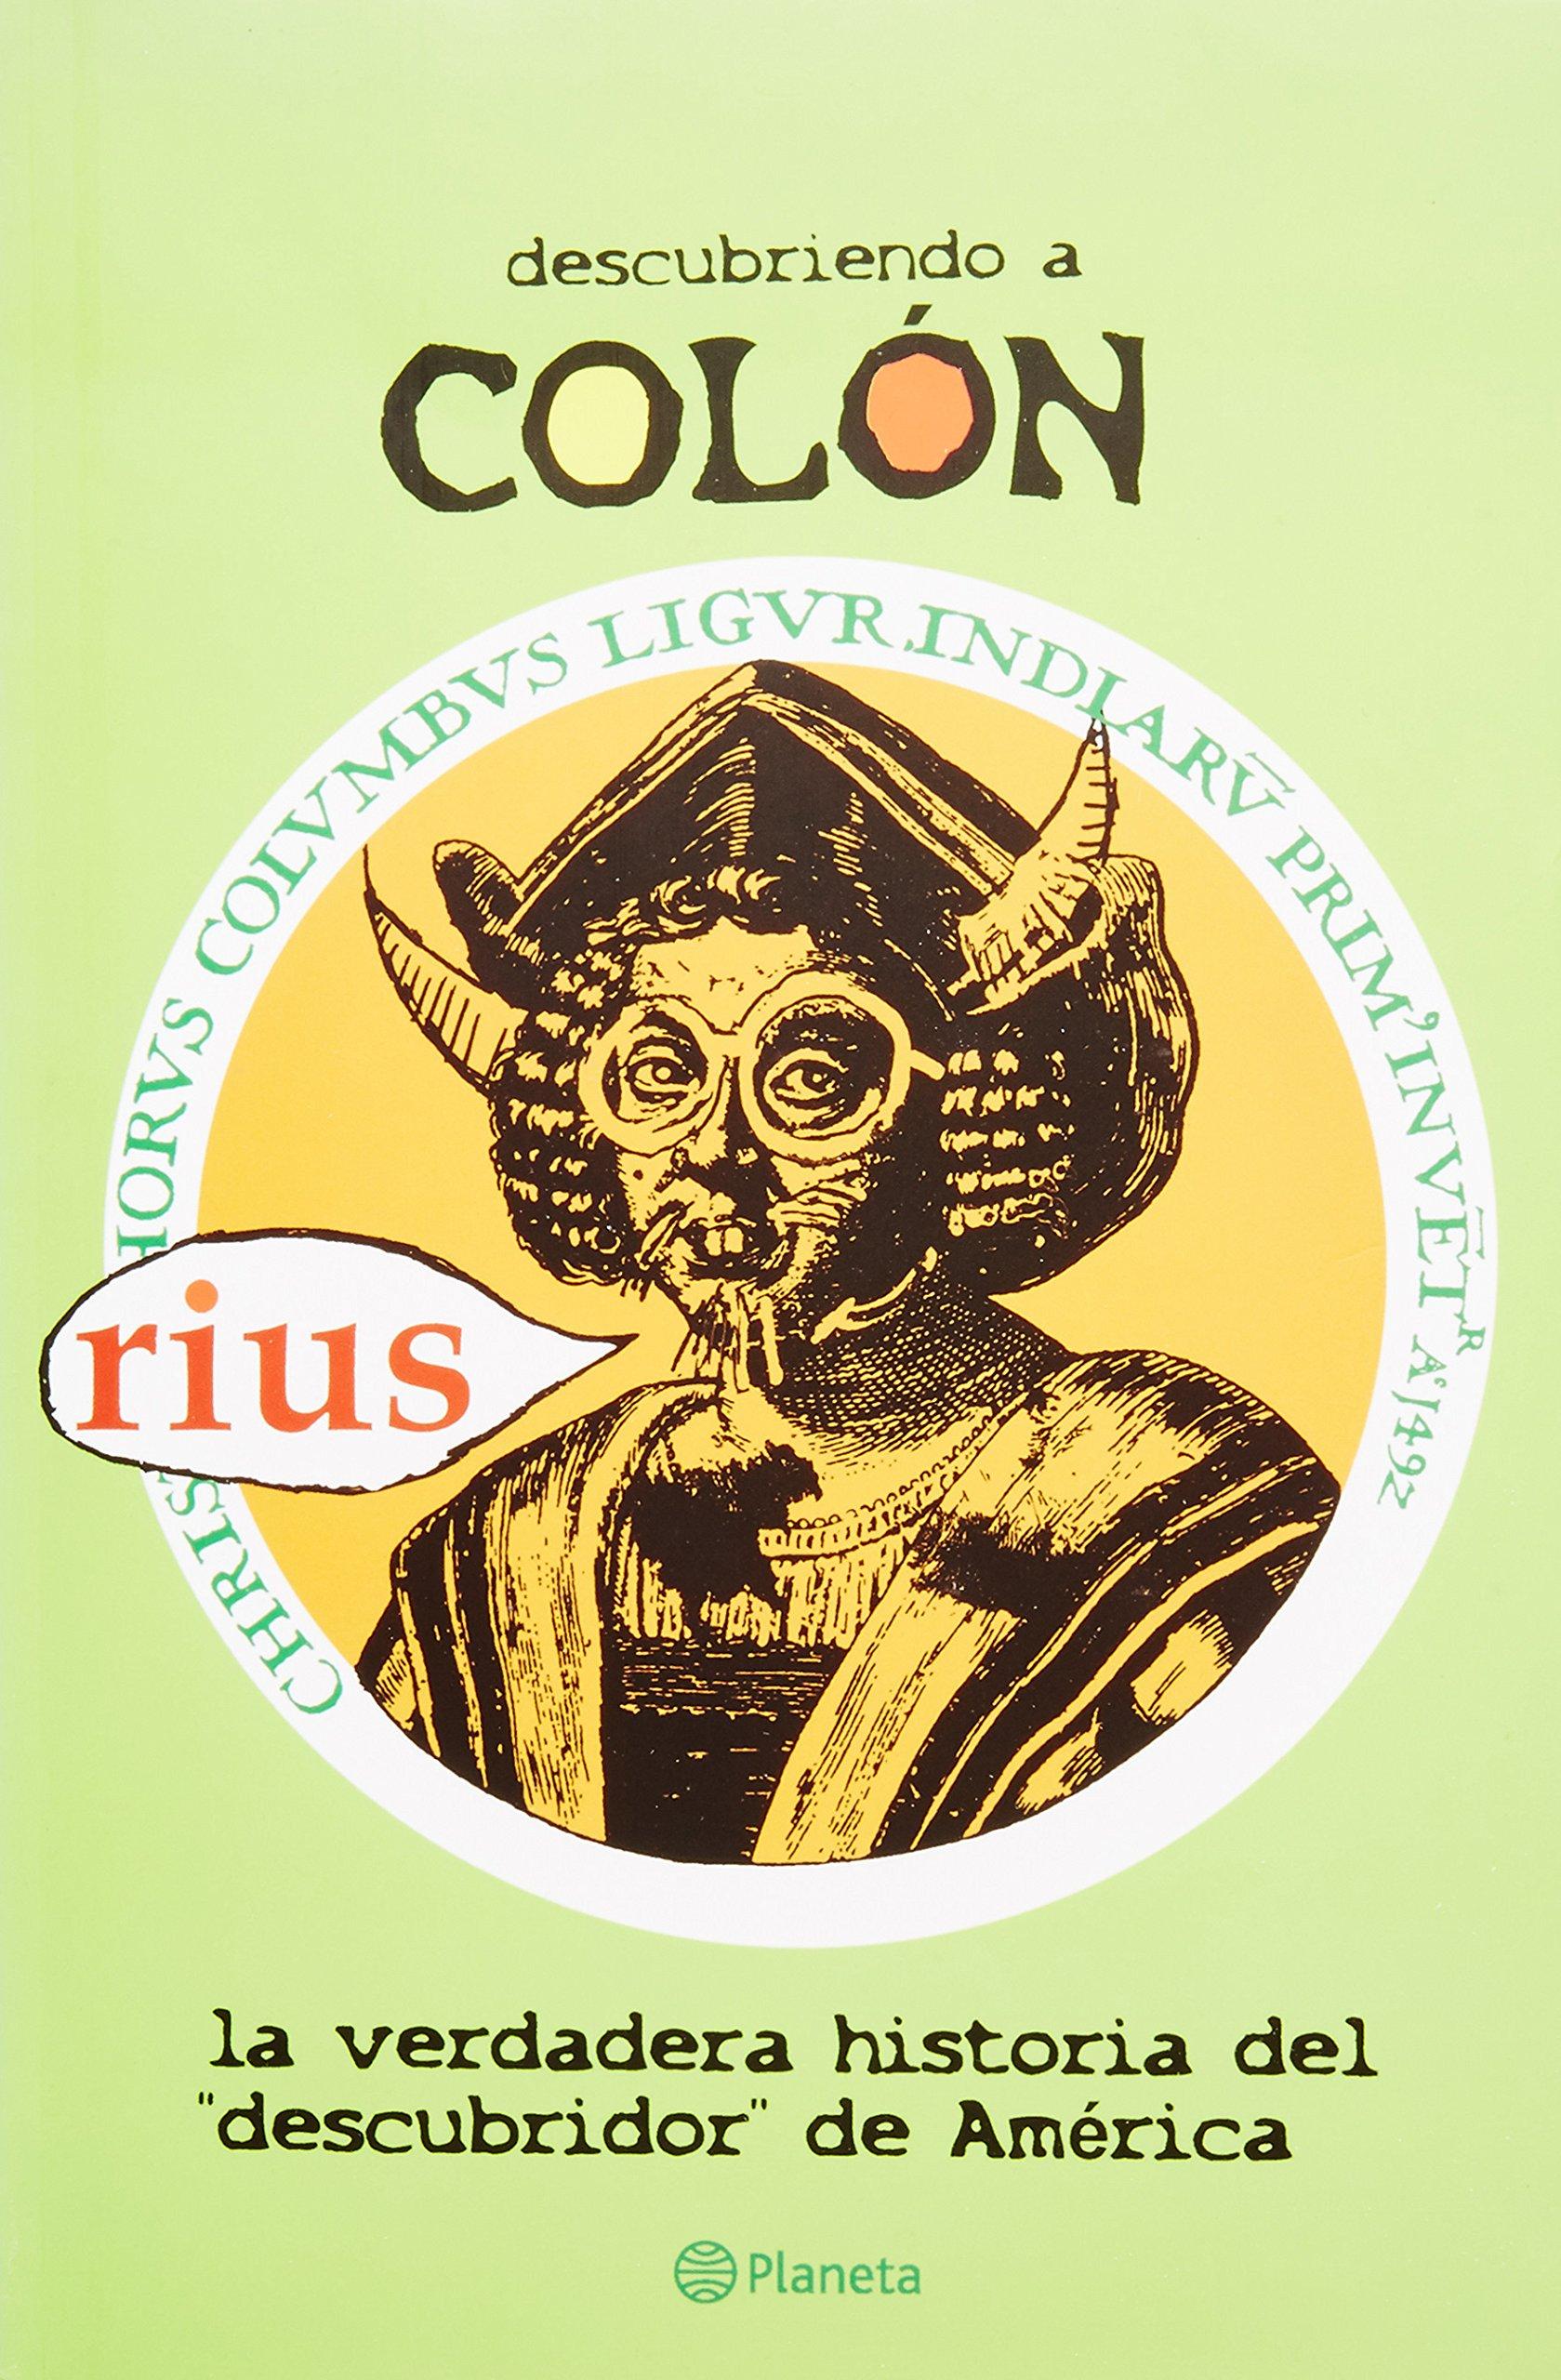 Descubriendo A Colon: La Verdadera Historia del